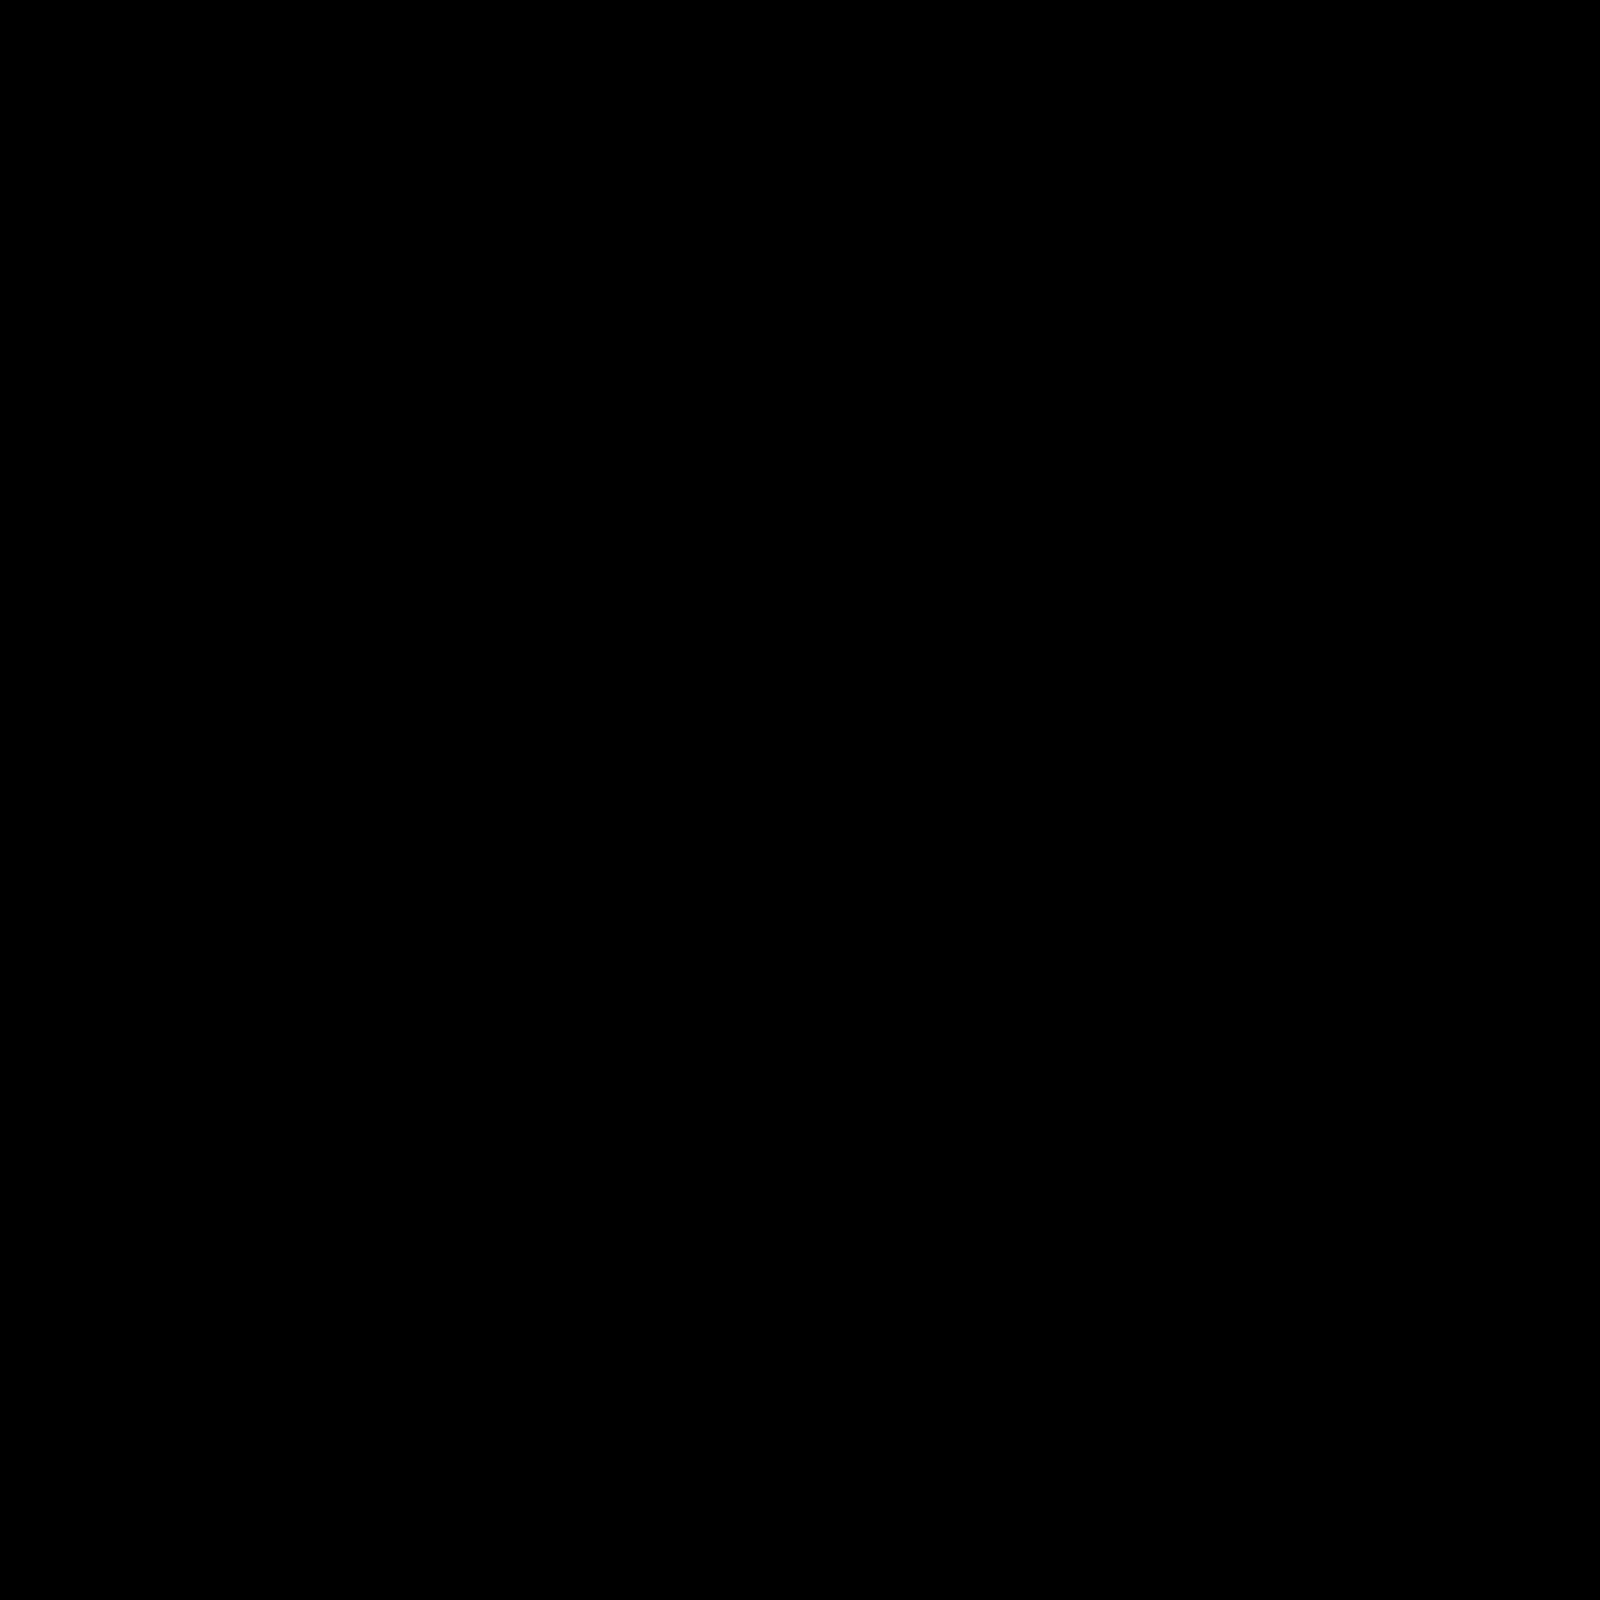 1600x1600 Swipe Down Icon